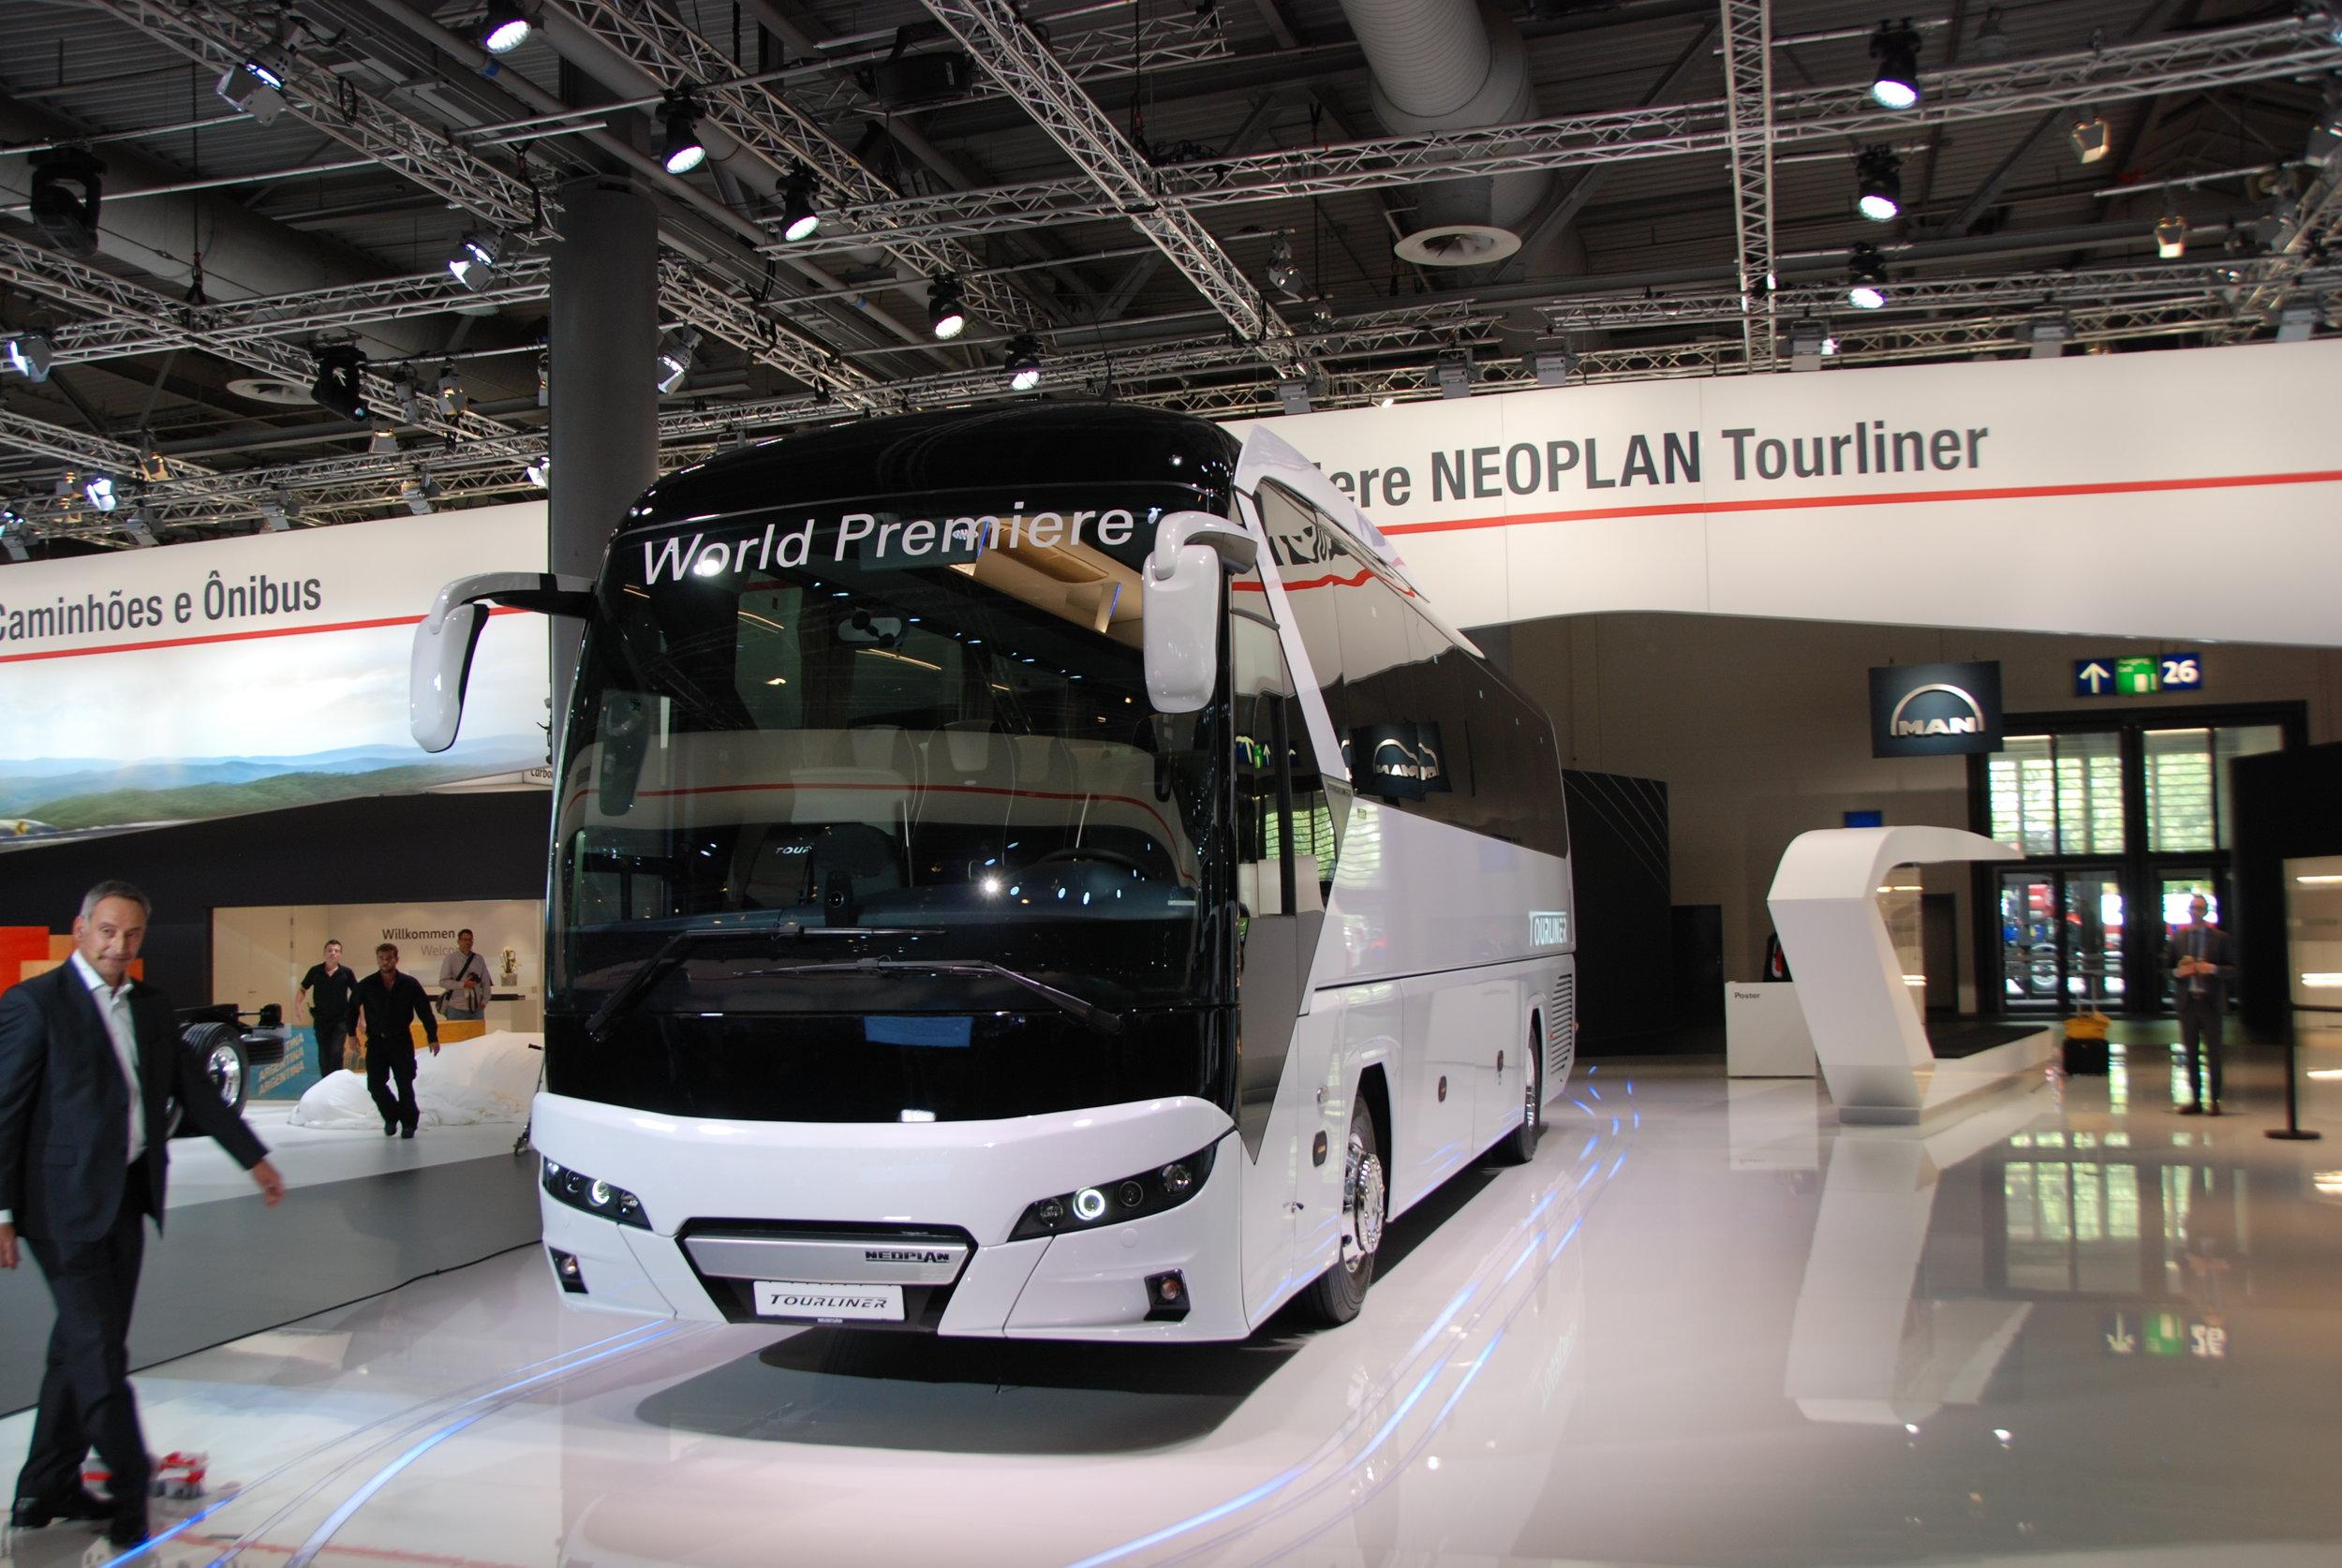 Neoplan Tourliner měl na veletrhu světovou premiéru. (foto: Libor Hinčica)